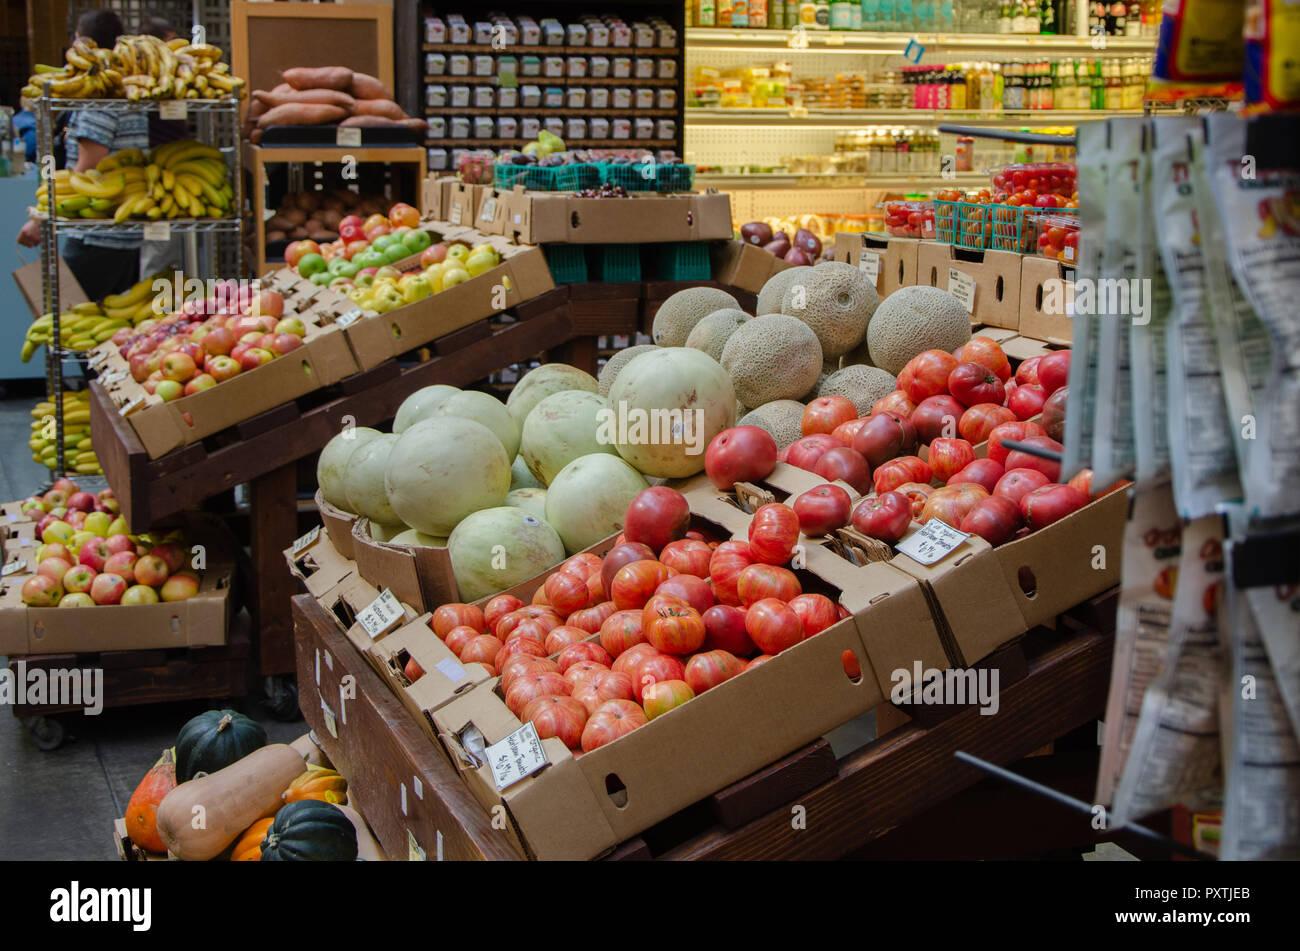 Toronto Supermarket Stock Photos & Toronto Supermarket Stock